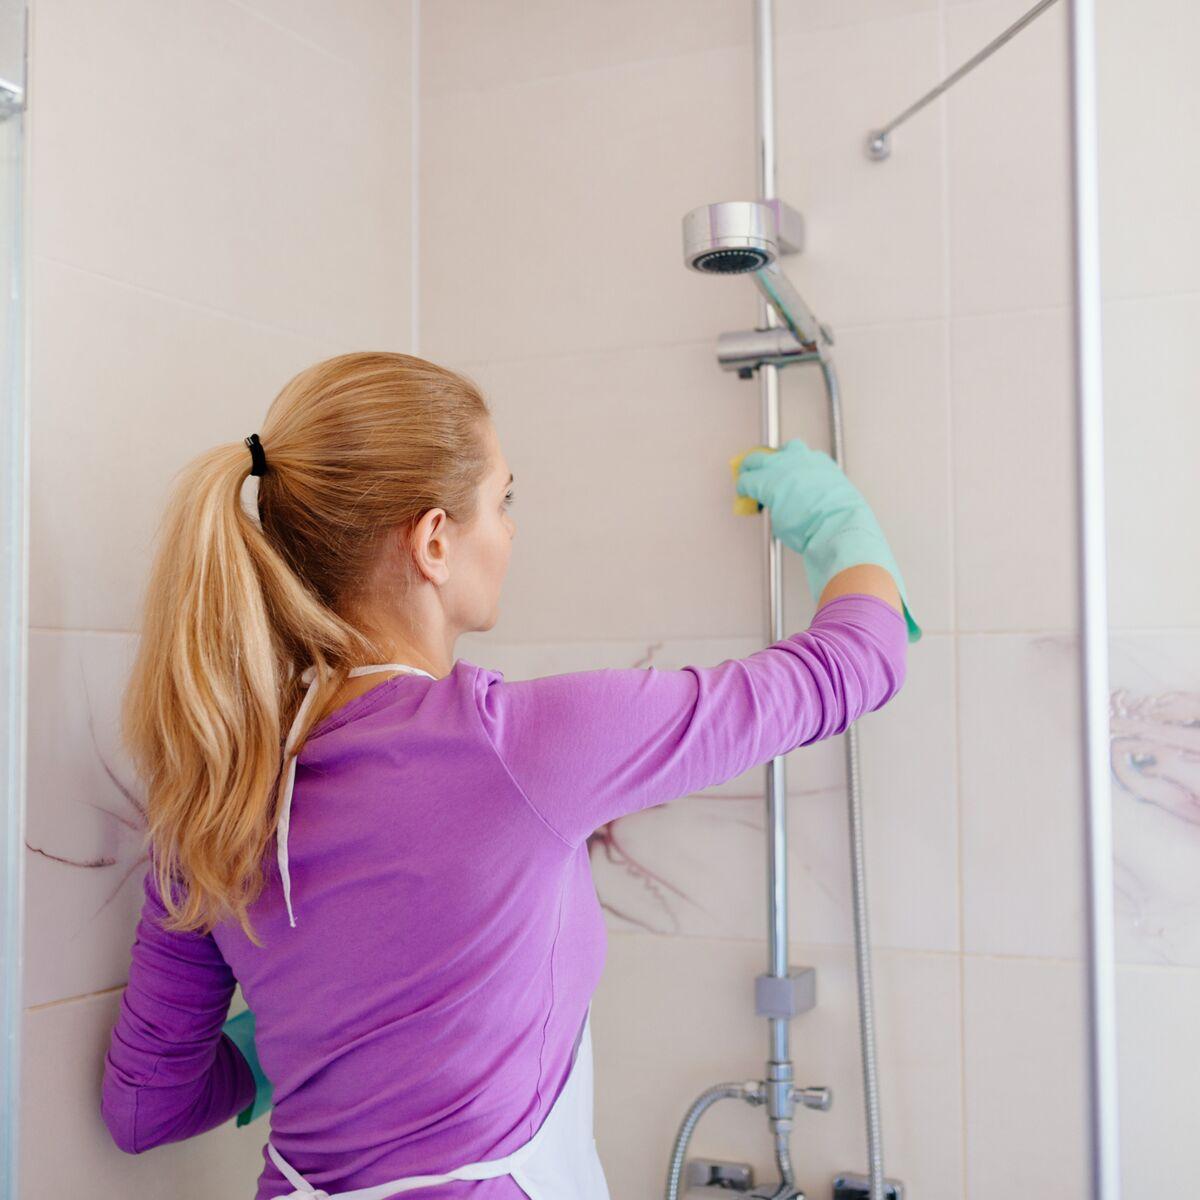 Comment nettoyer un bac de douche encrassé?